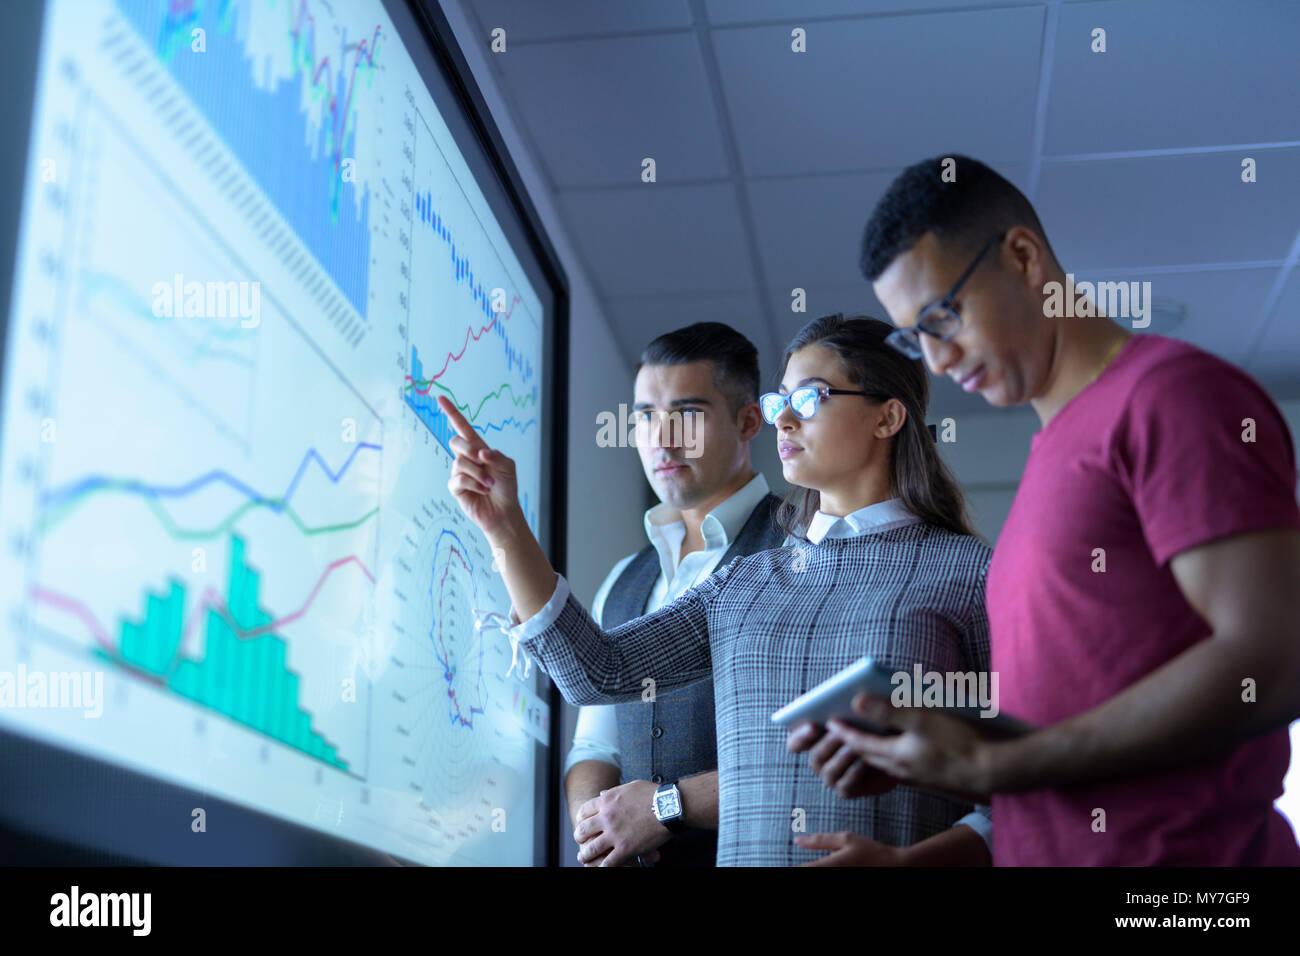 Equipo empresarial ver gráficos y gráficos de pantalla interactiva en reunión de negocios Foto de stock